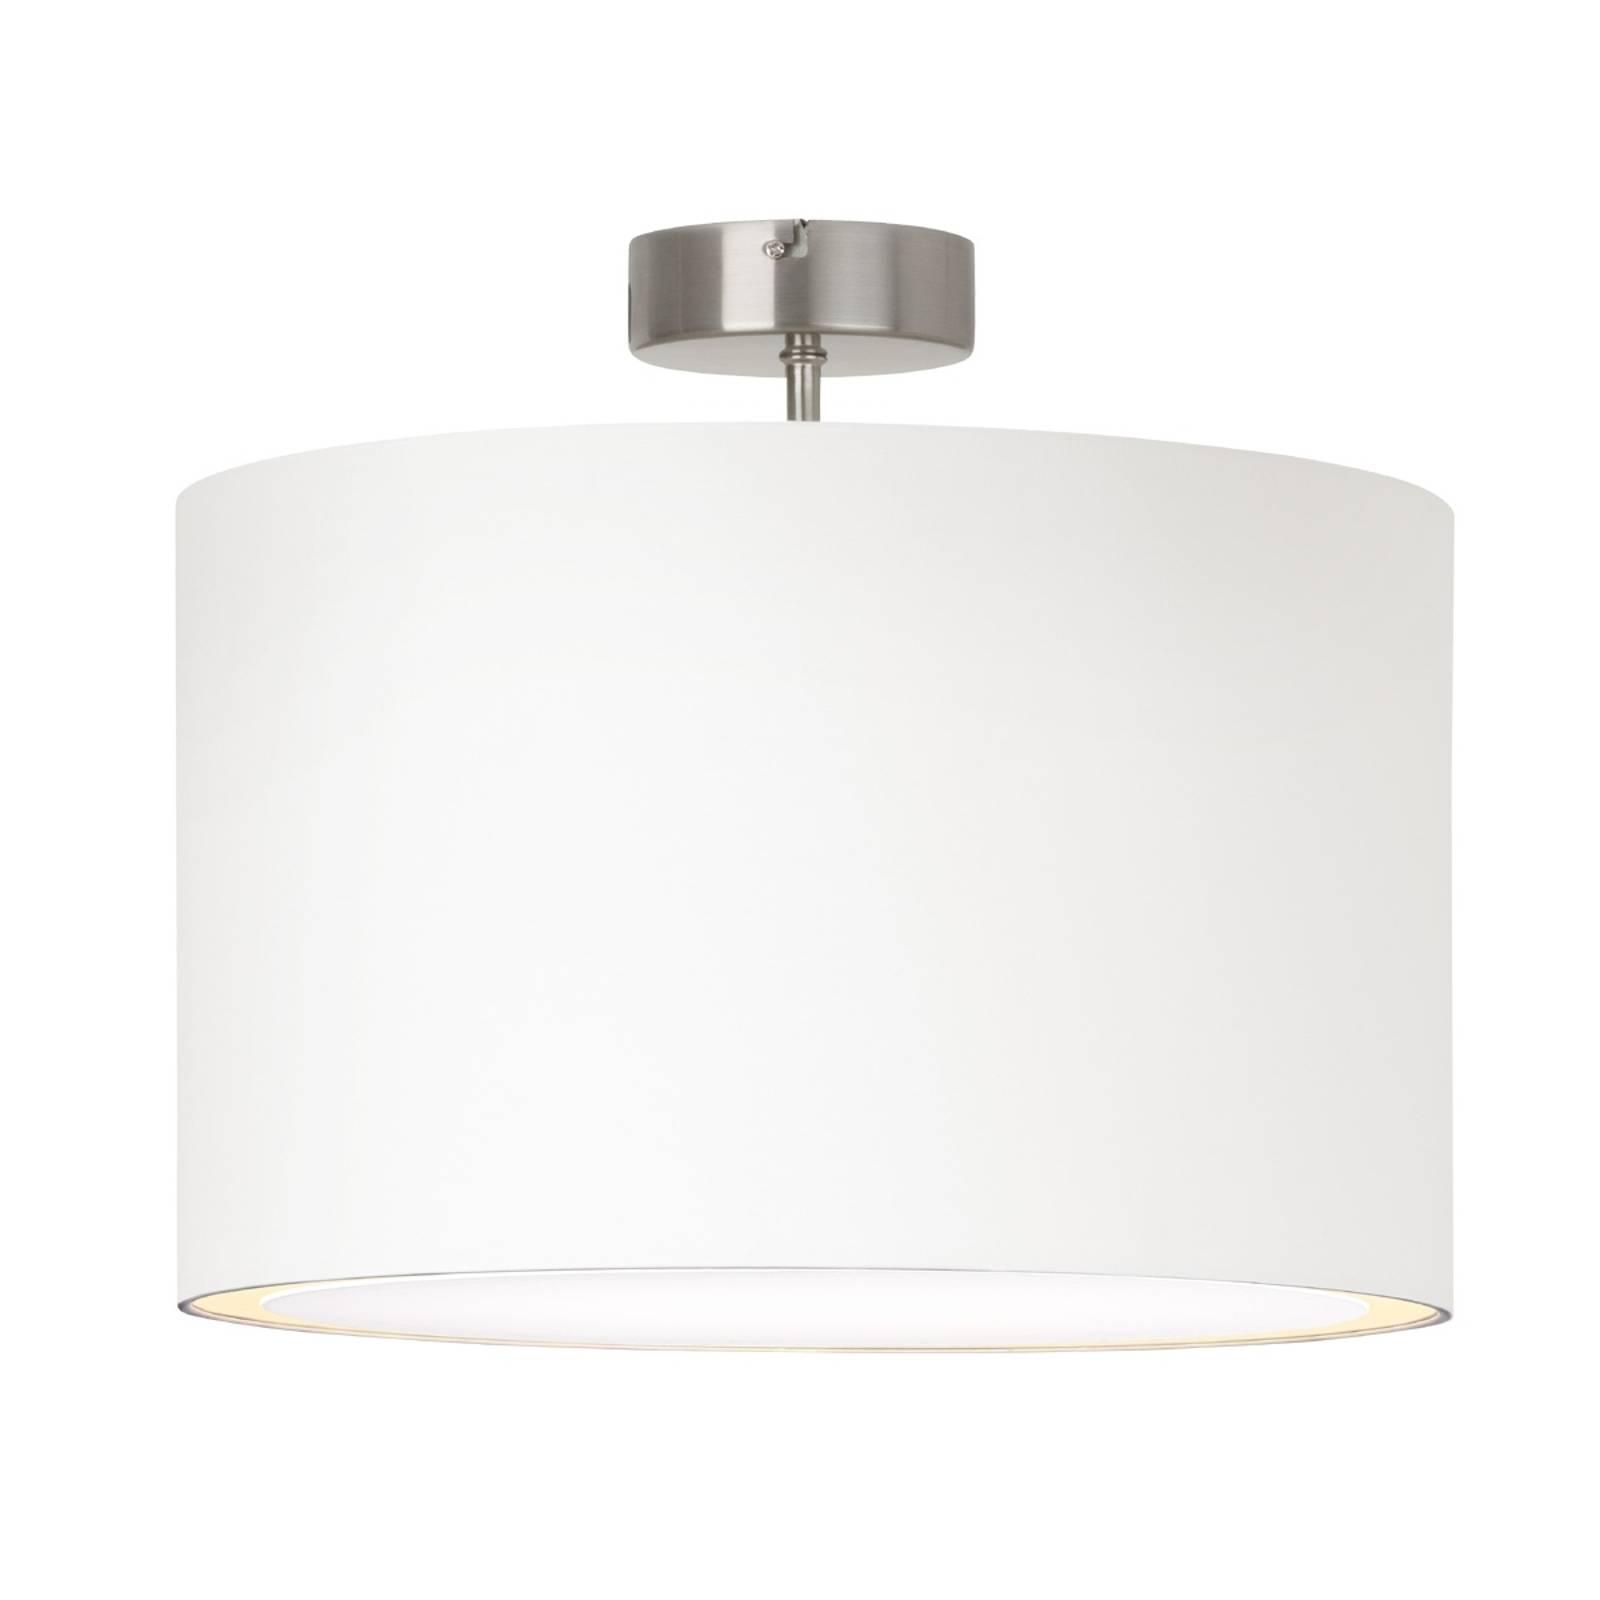 Eenvoudige plafondlamp CLARIE, wit